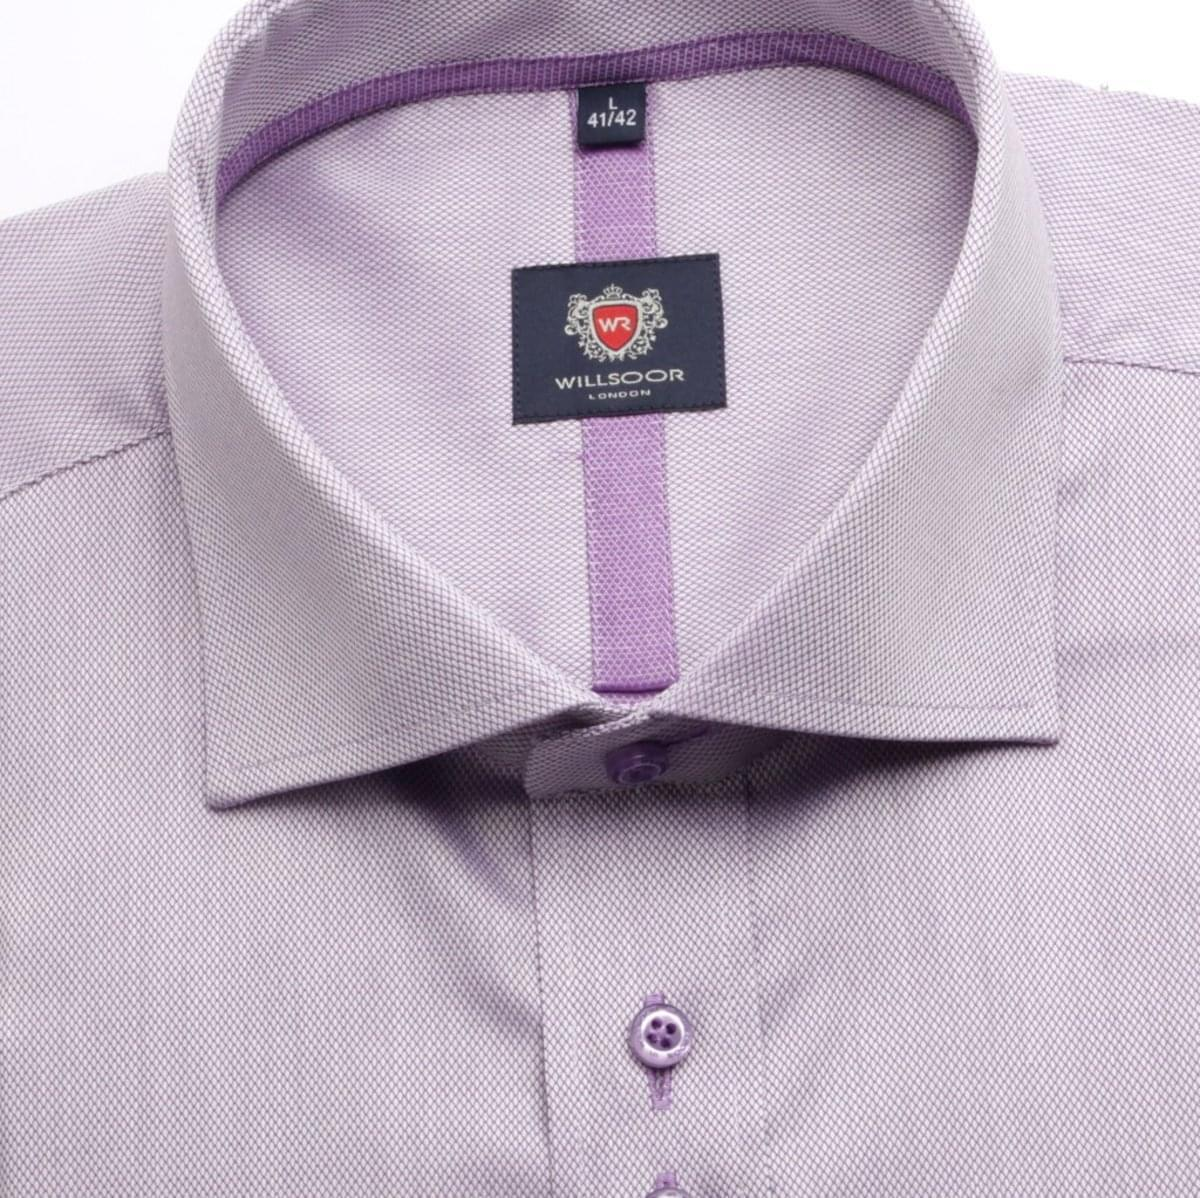 Pánská košile WR London ve fialkové barvě (výška 176-182) 5285 176-182 / XL (43/44)